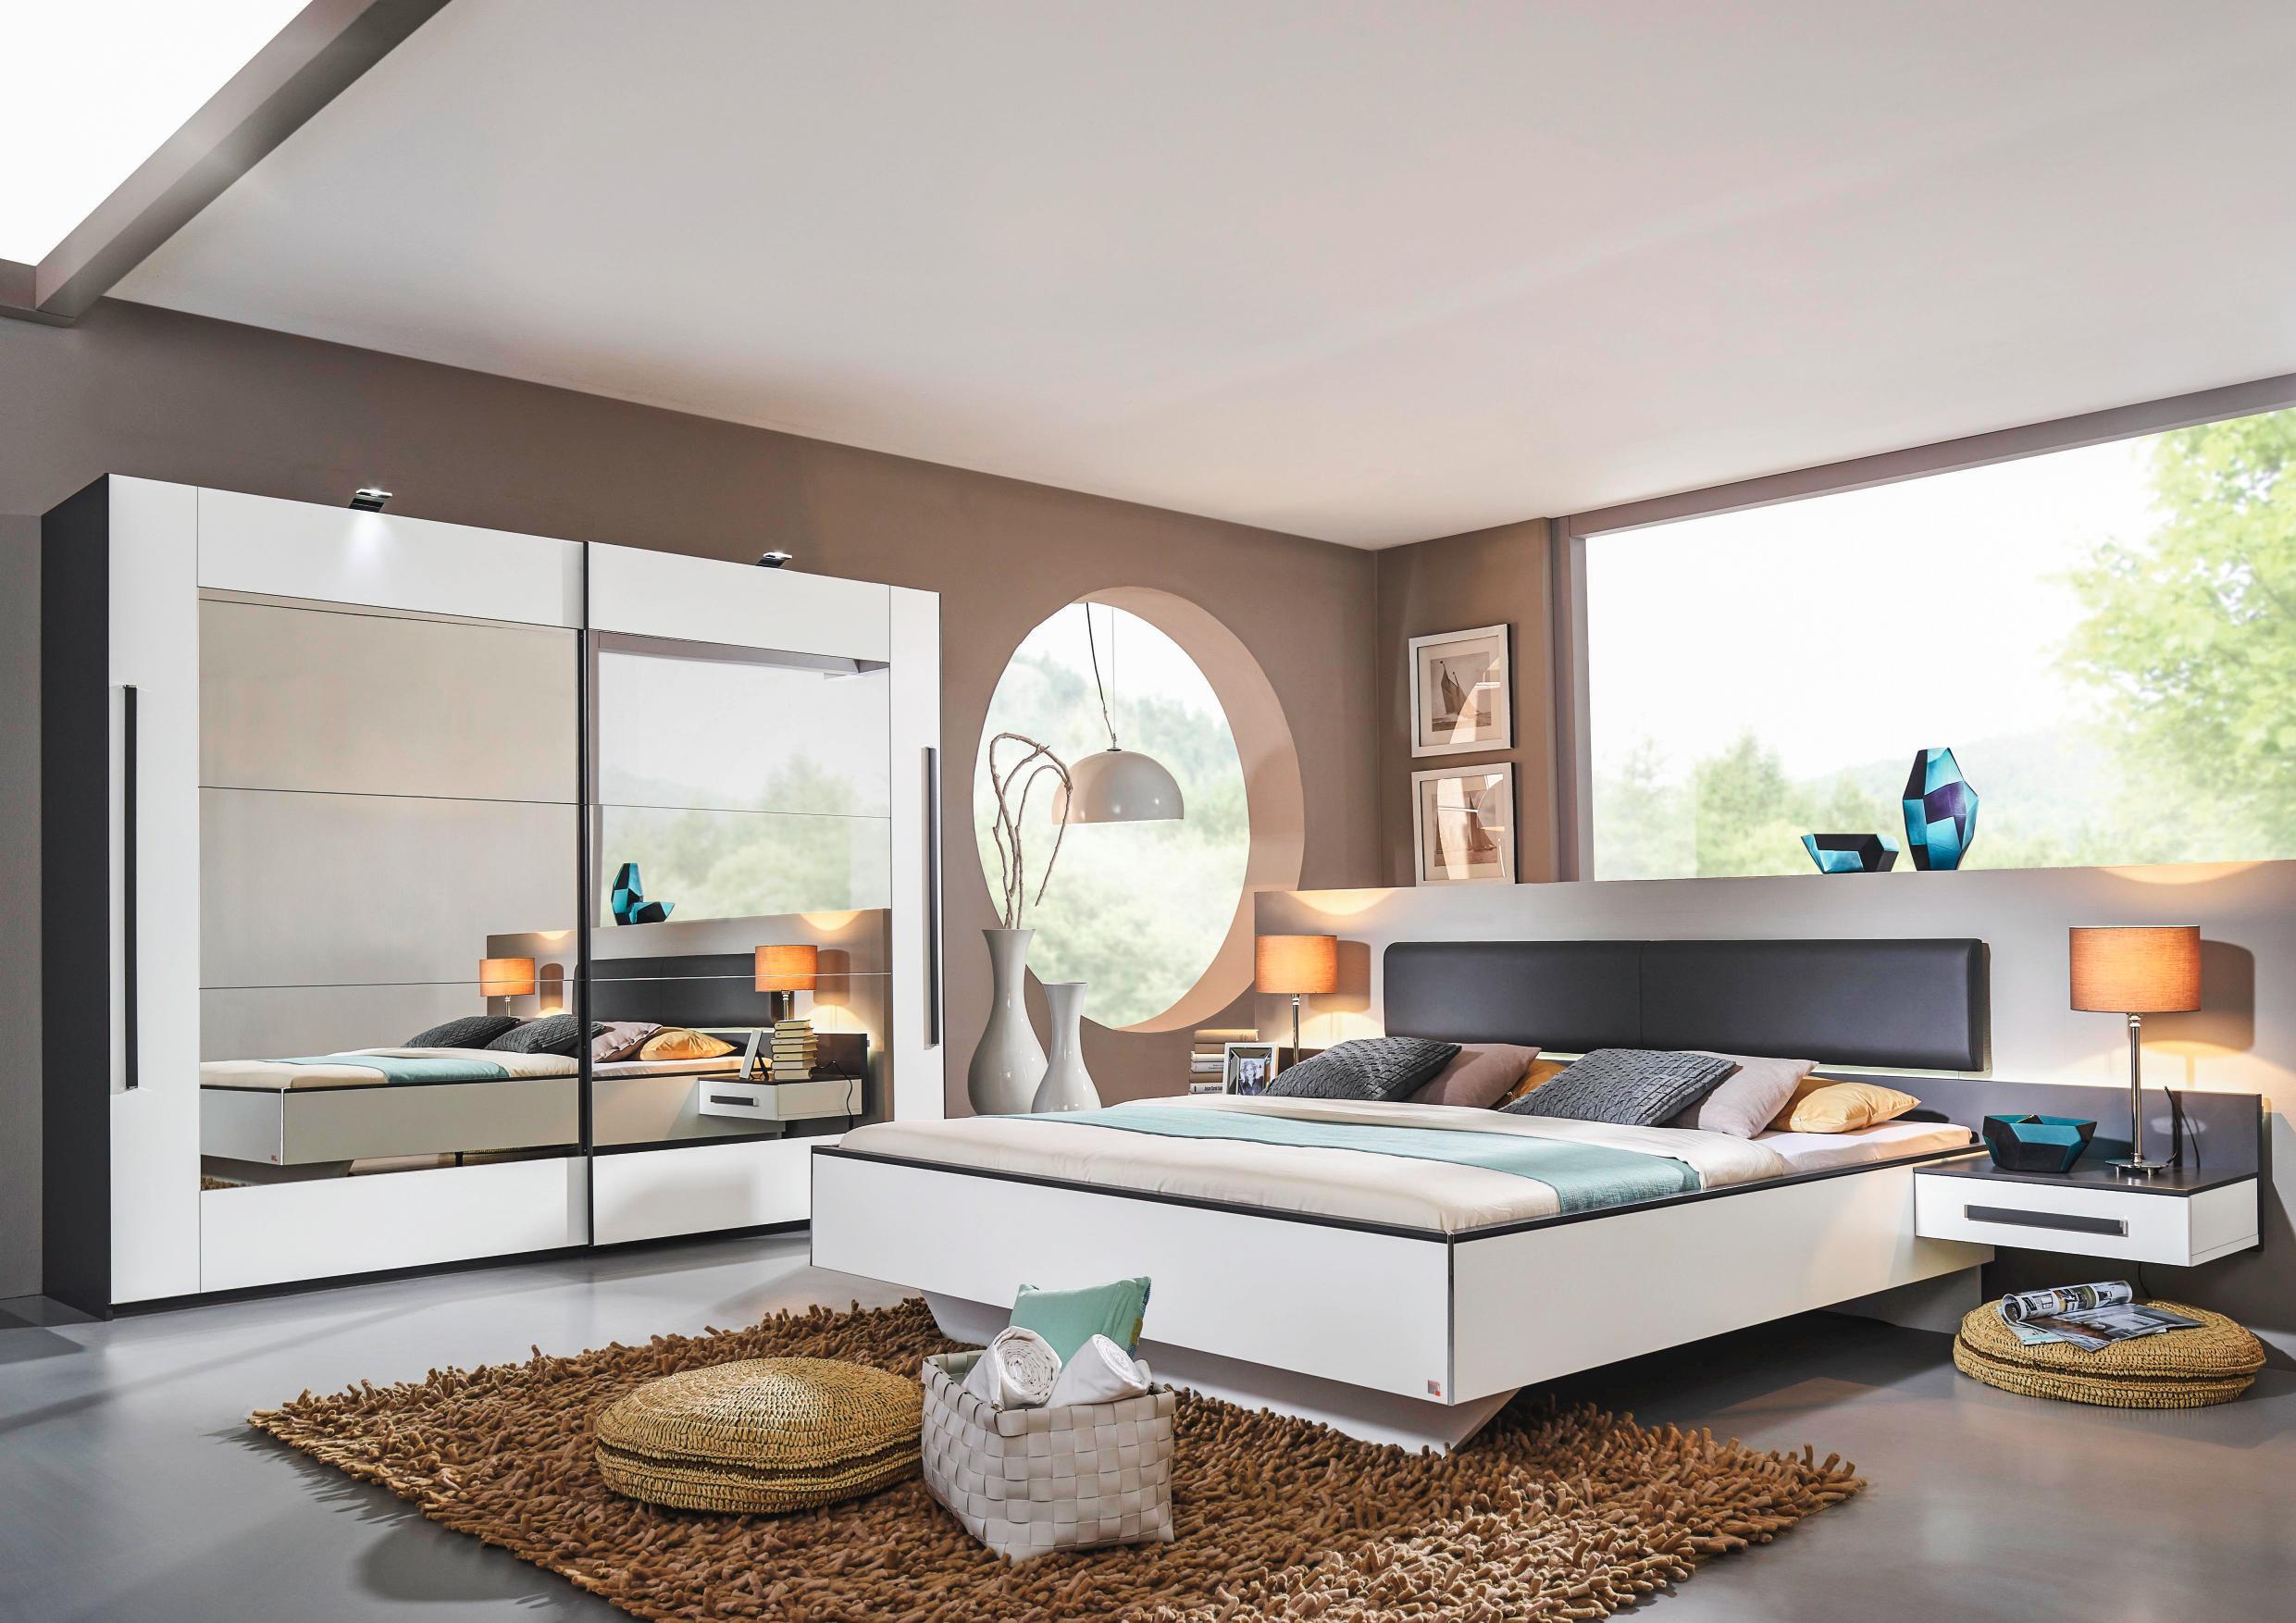 wohnzimmer xora xora wohnzimmer anthrazit elvenbride xora wohnzimmer anthrazit elvenbride. Black Bedroom Furniture Sets. Home Design Ideas